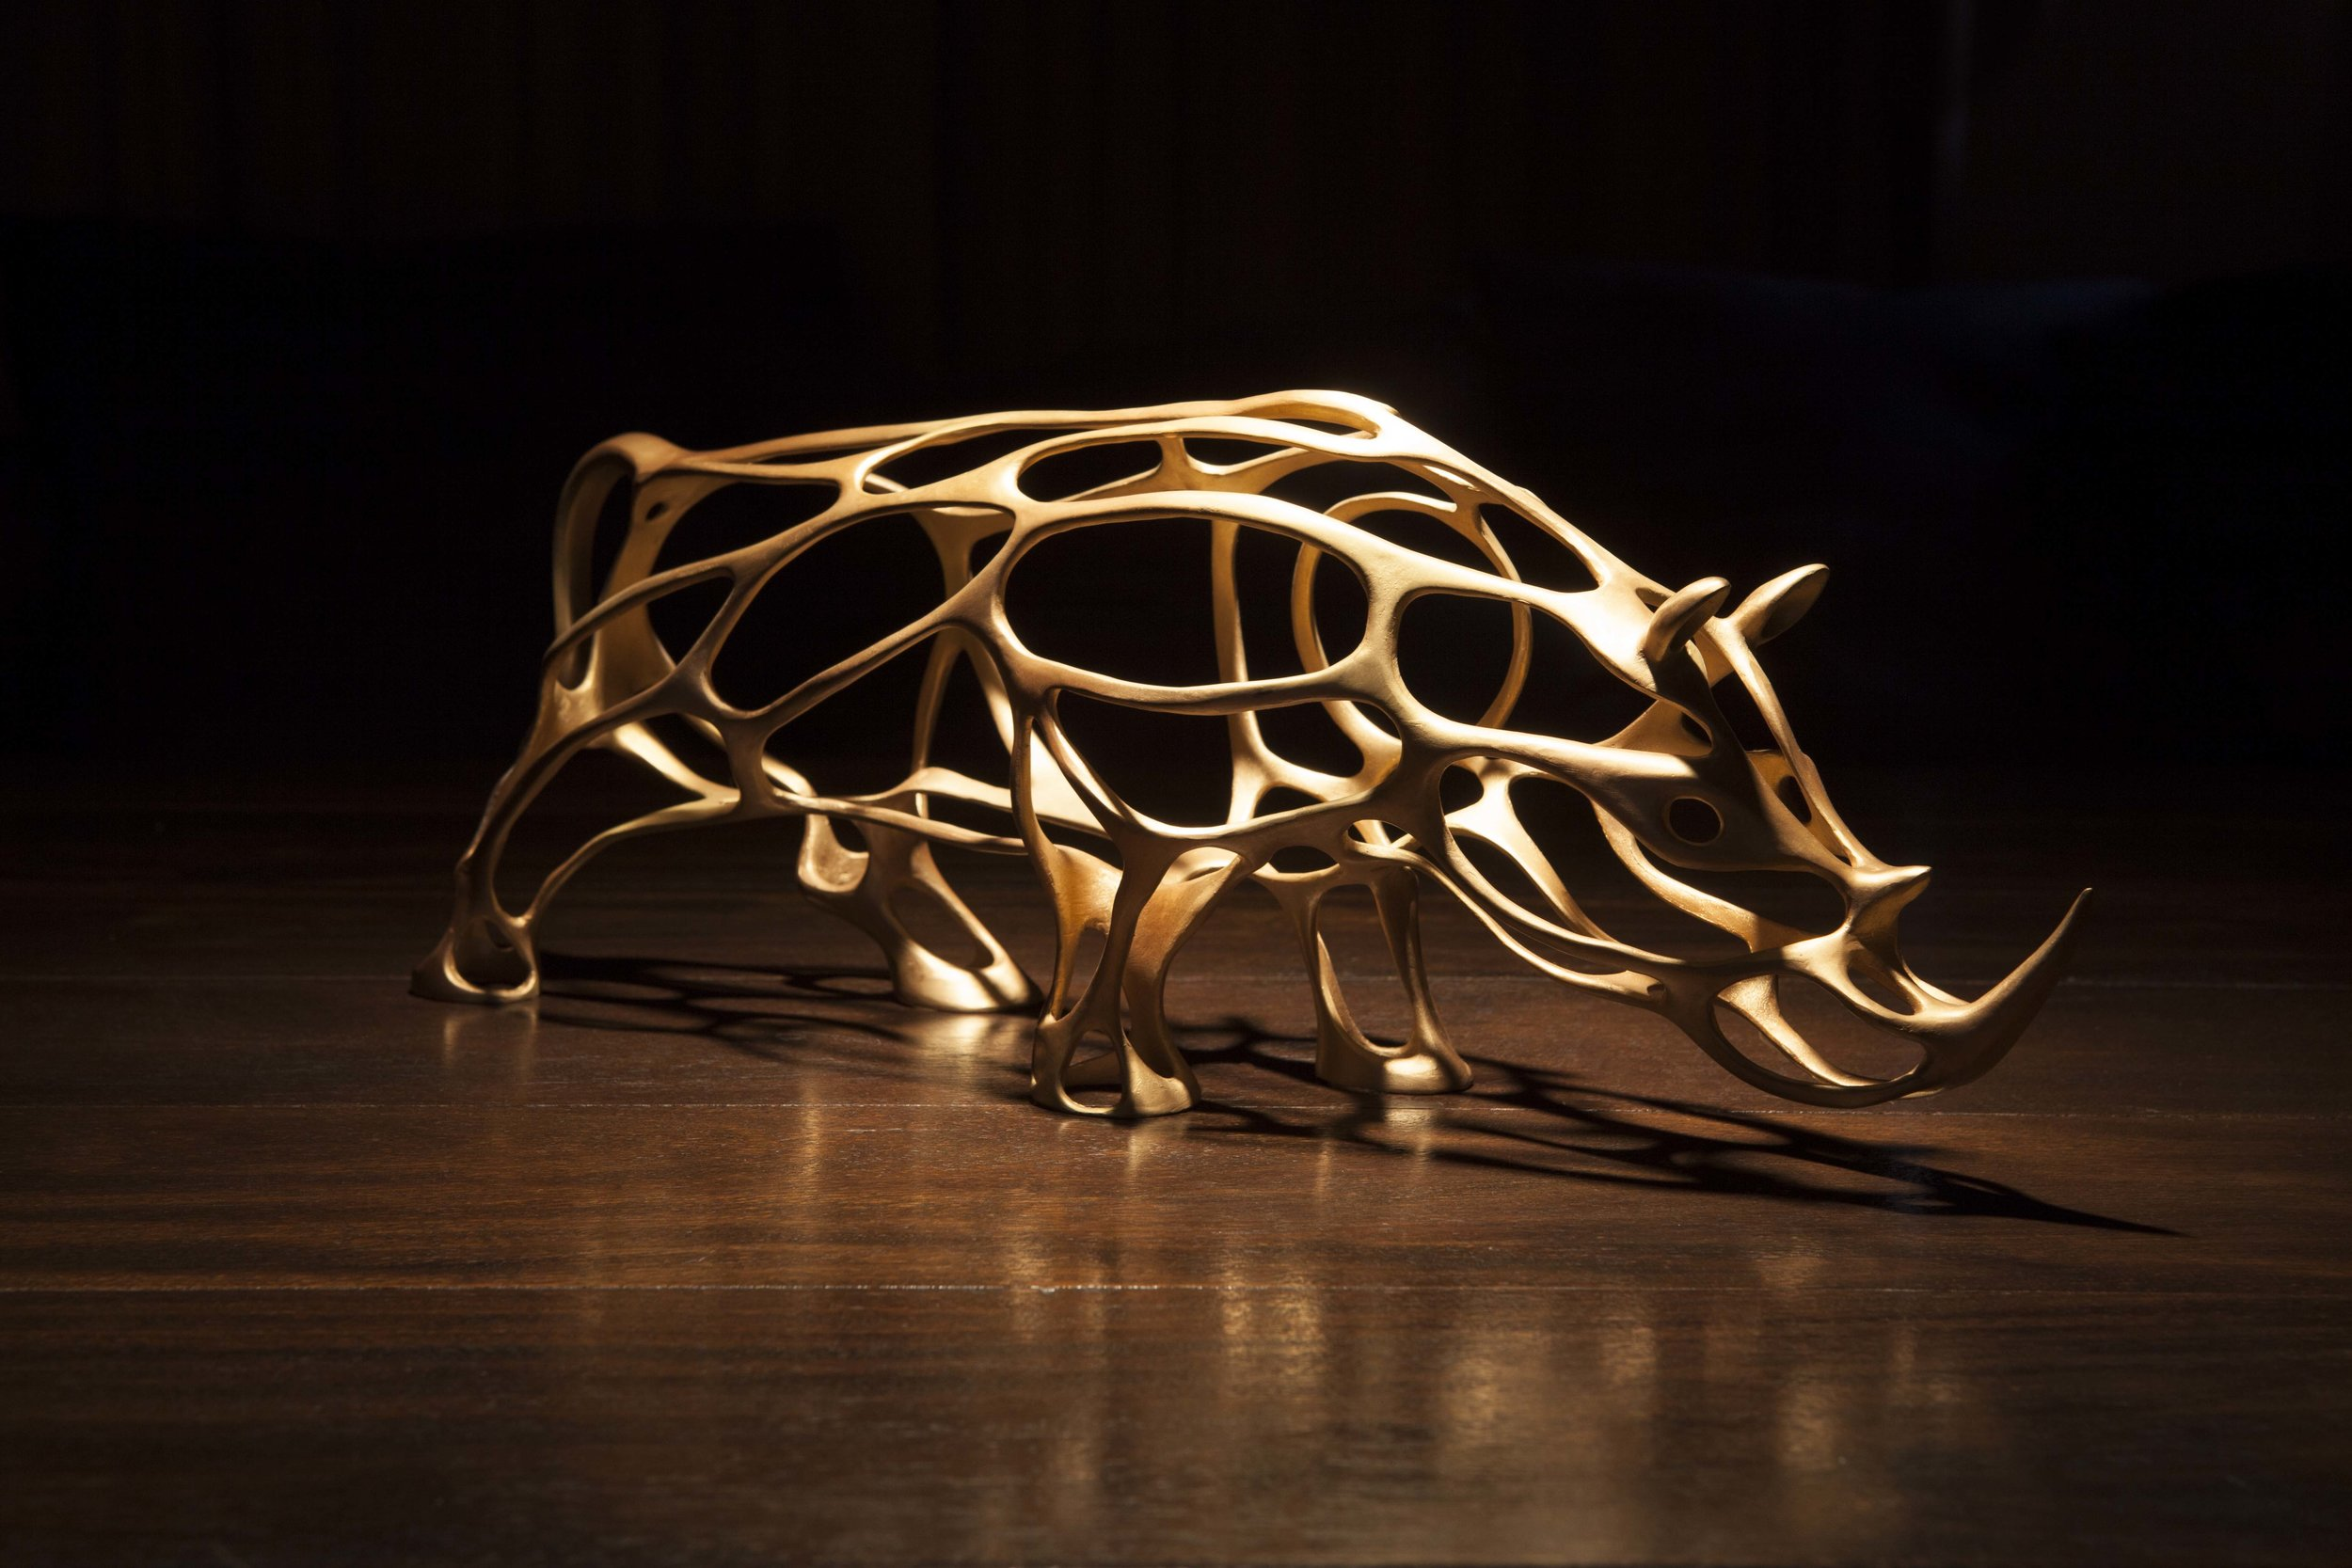 Richard Texier - Esprit de conquete en bronze -21 x 55 x 14cm -doré .jpg